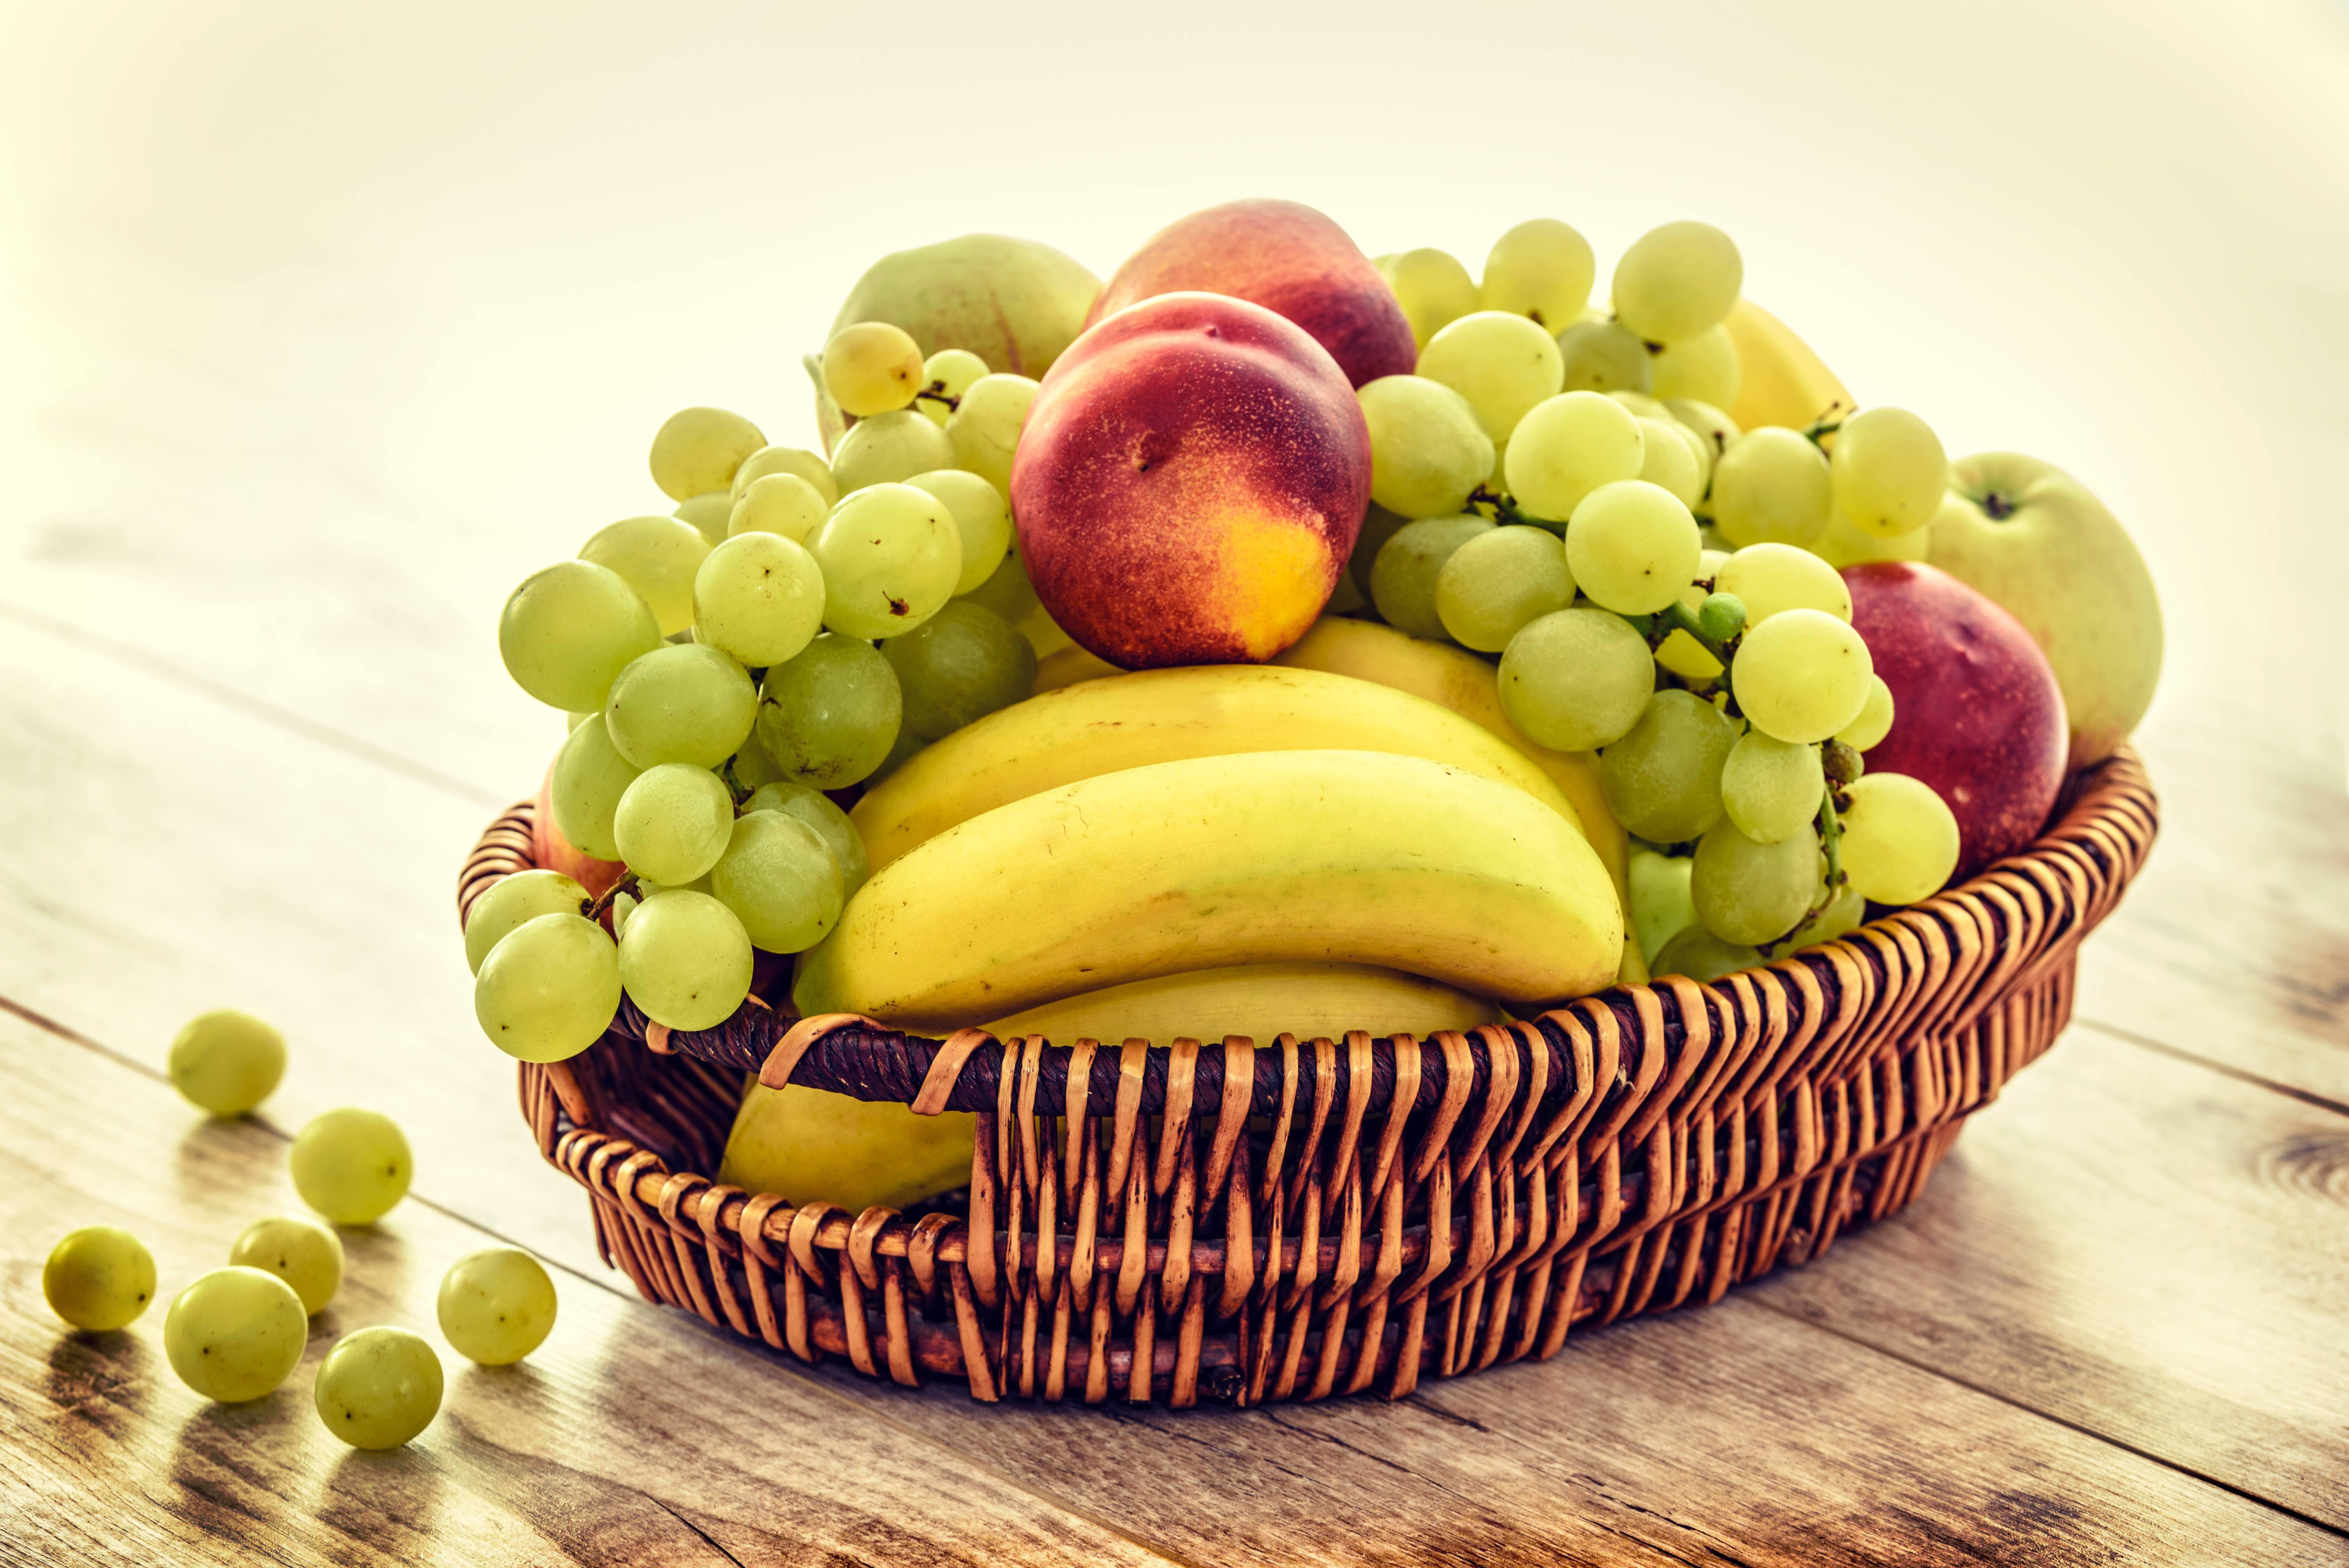 Firmafrugtordning fra frugtkurven.dk - det sunde valg